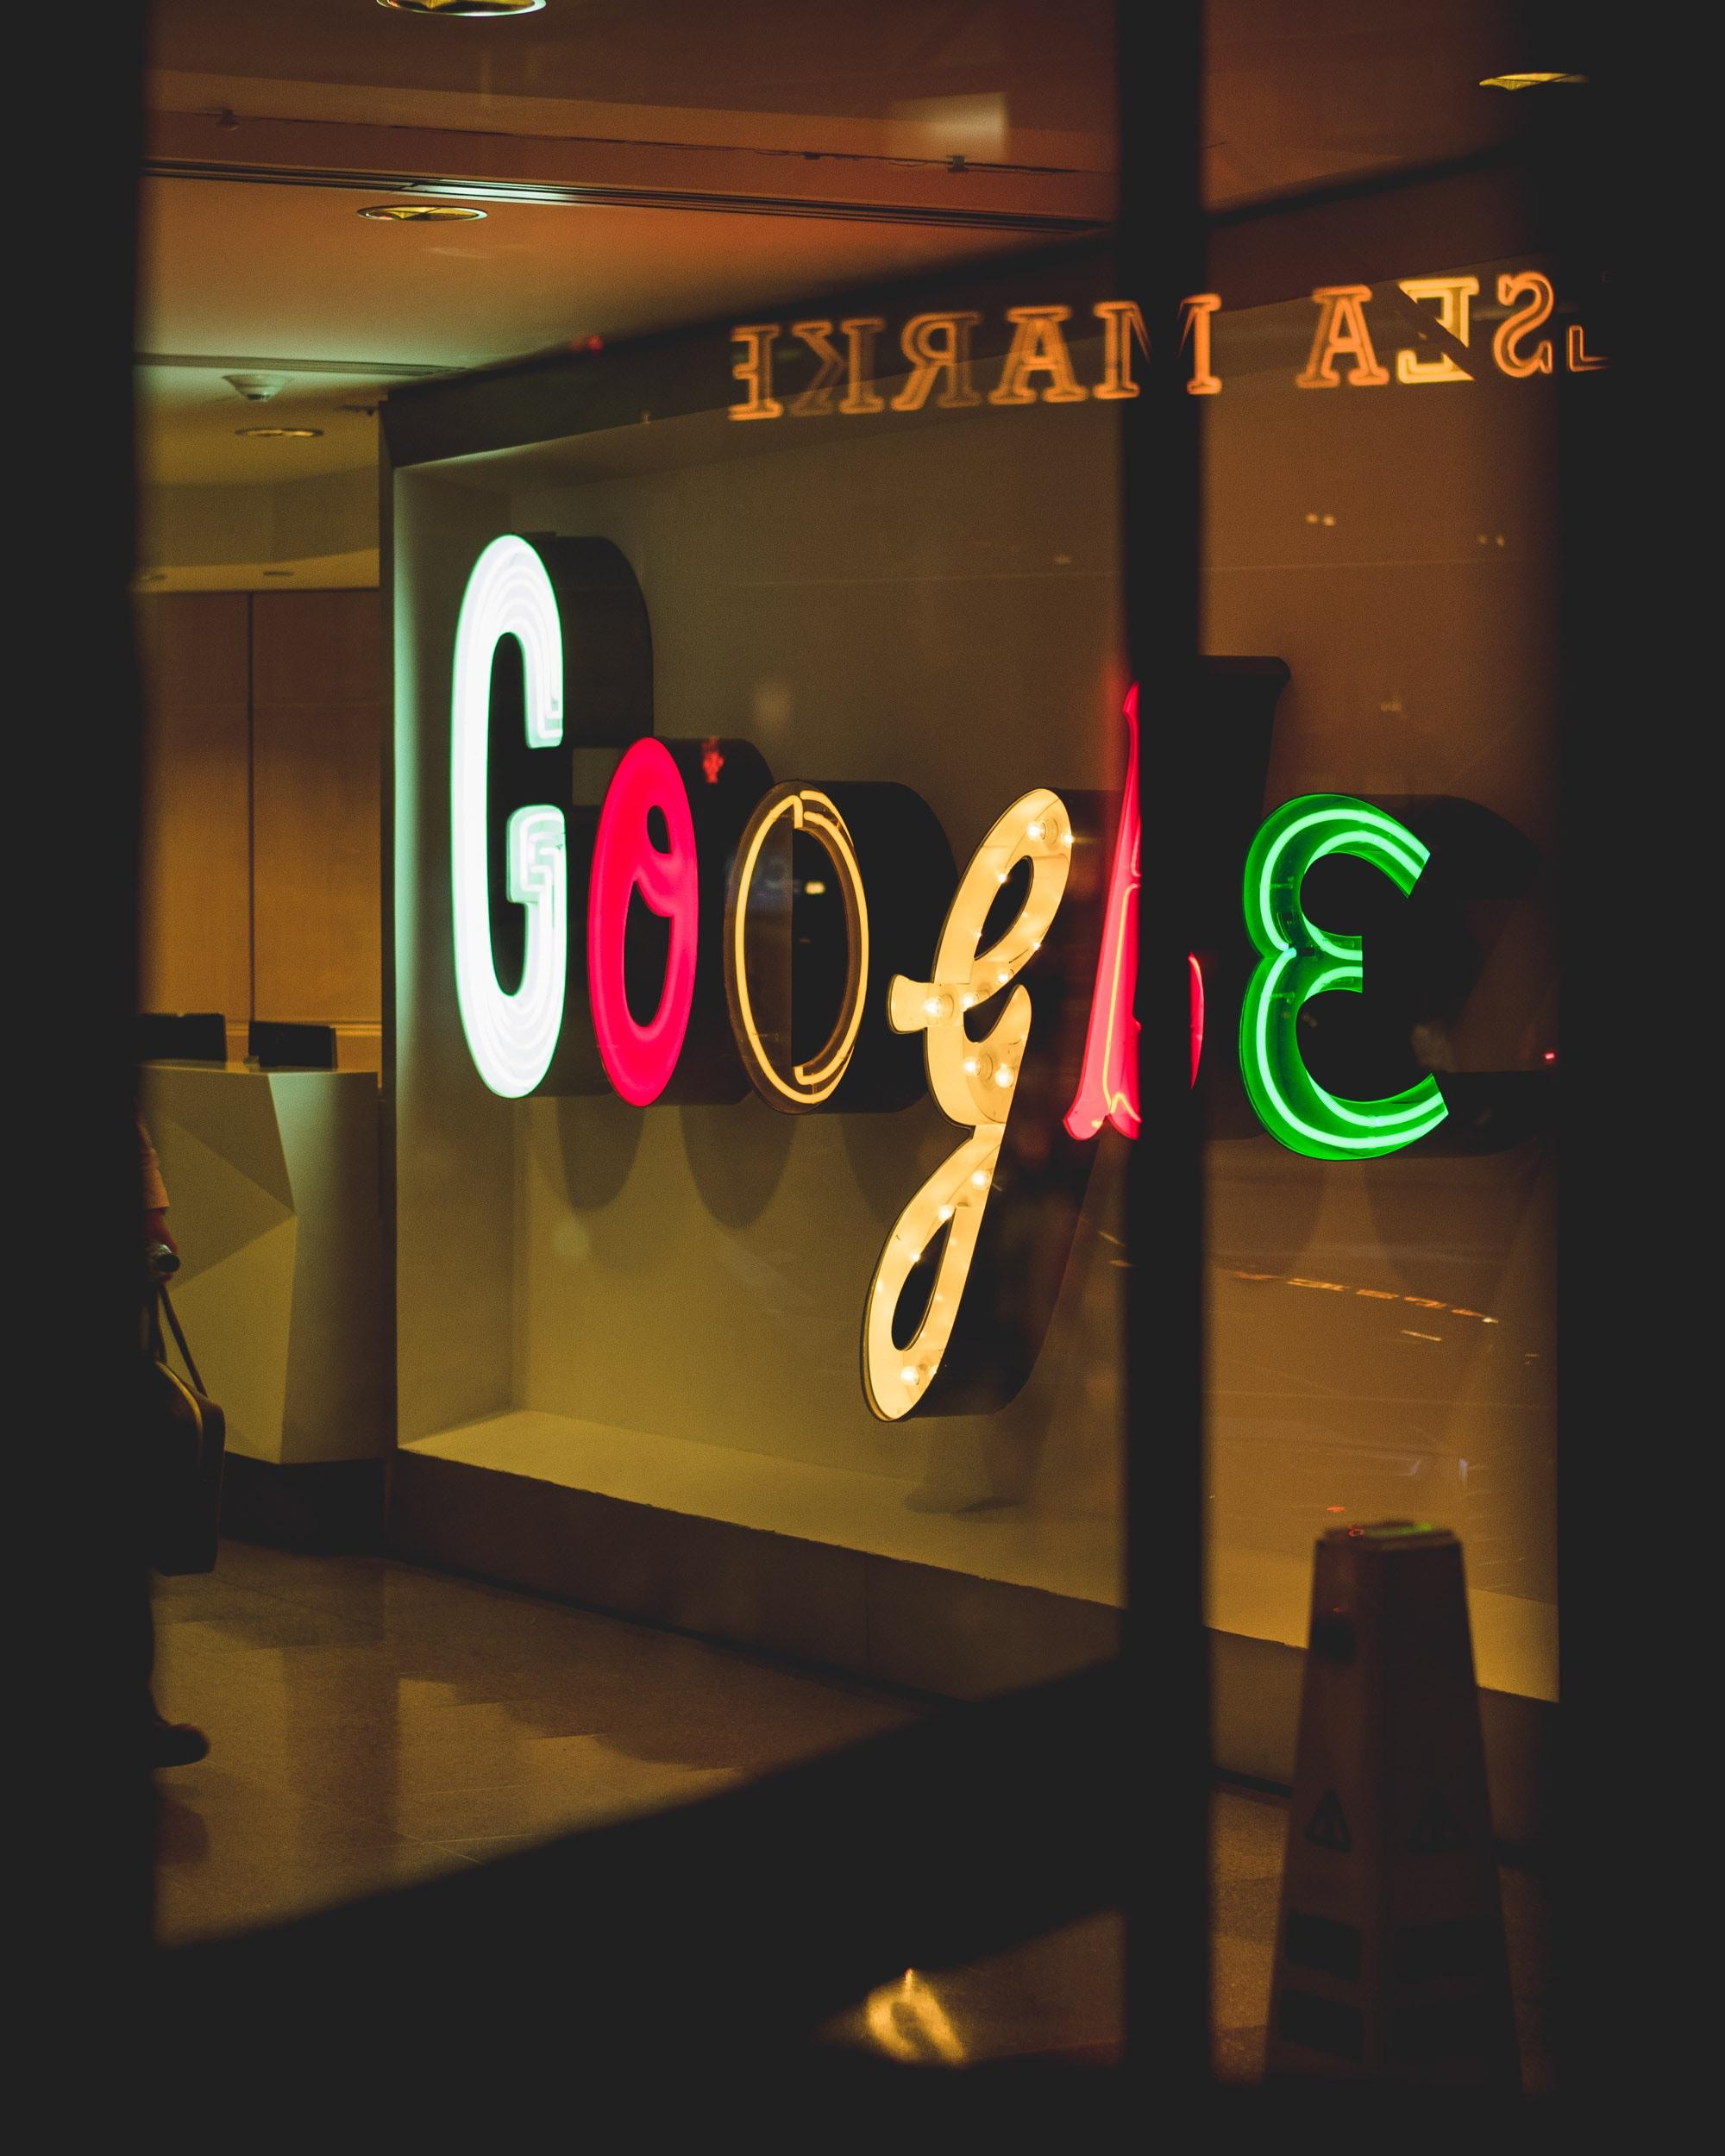 Oficina oscura y letras en neon donde se lee Google